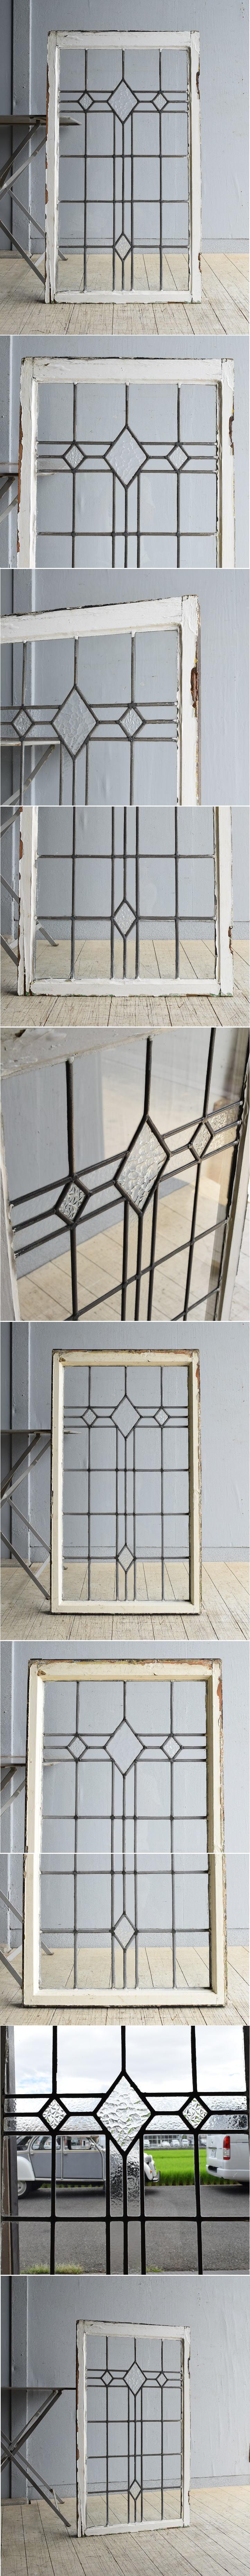 イギリス アンティーク 窓 無色透明 8147